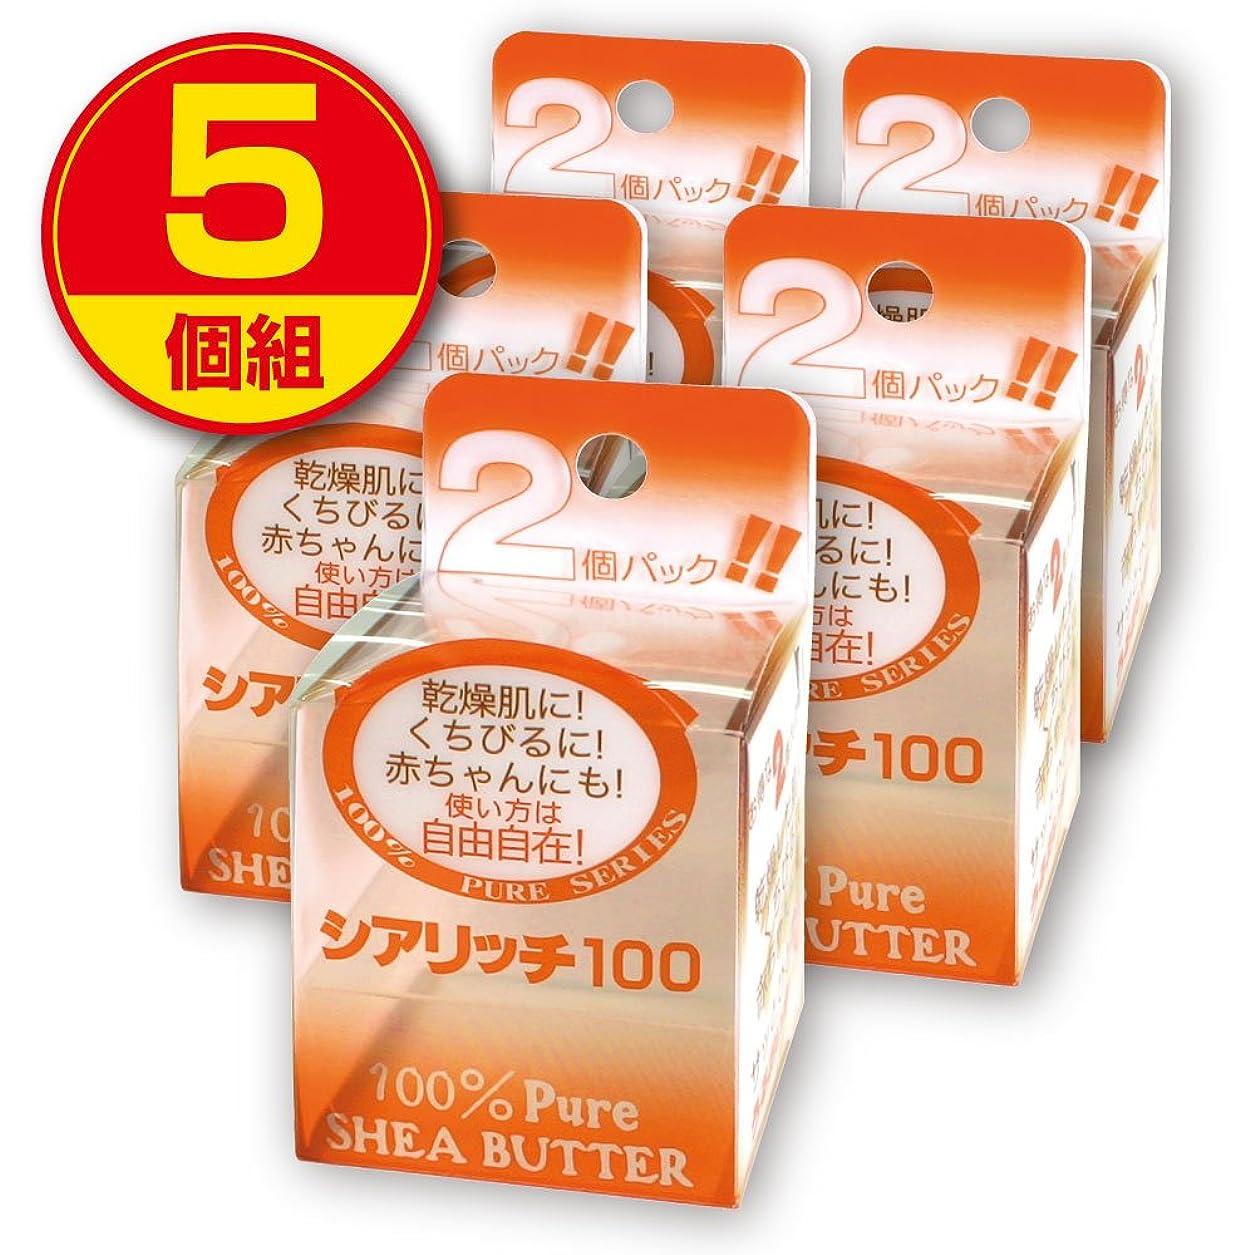 モニター極めてミント日本天然物研究所 シアリッチ100 (8g×2個入り)【5個組】(無添加100%シアバター)無香料